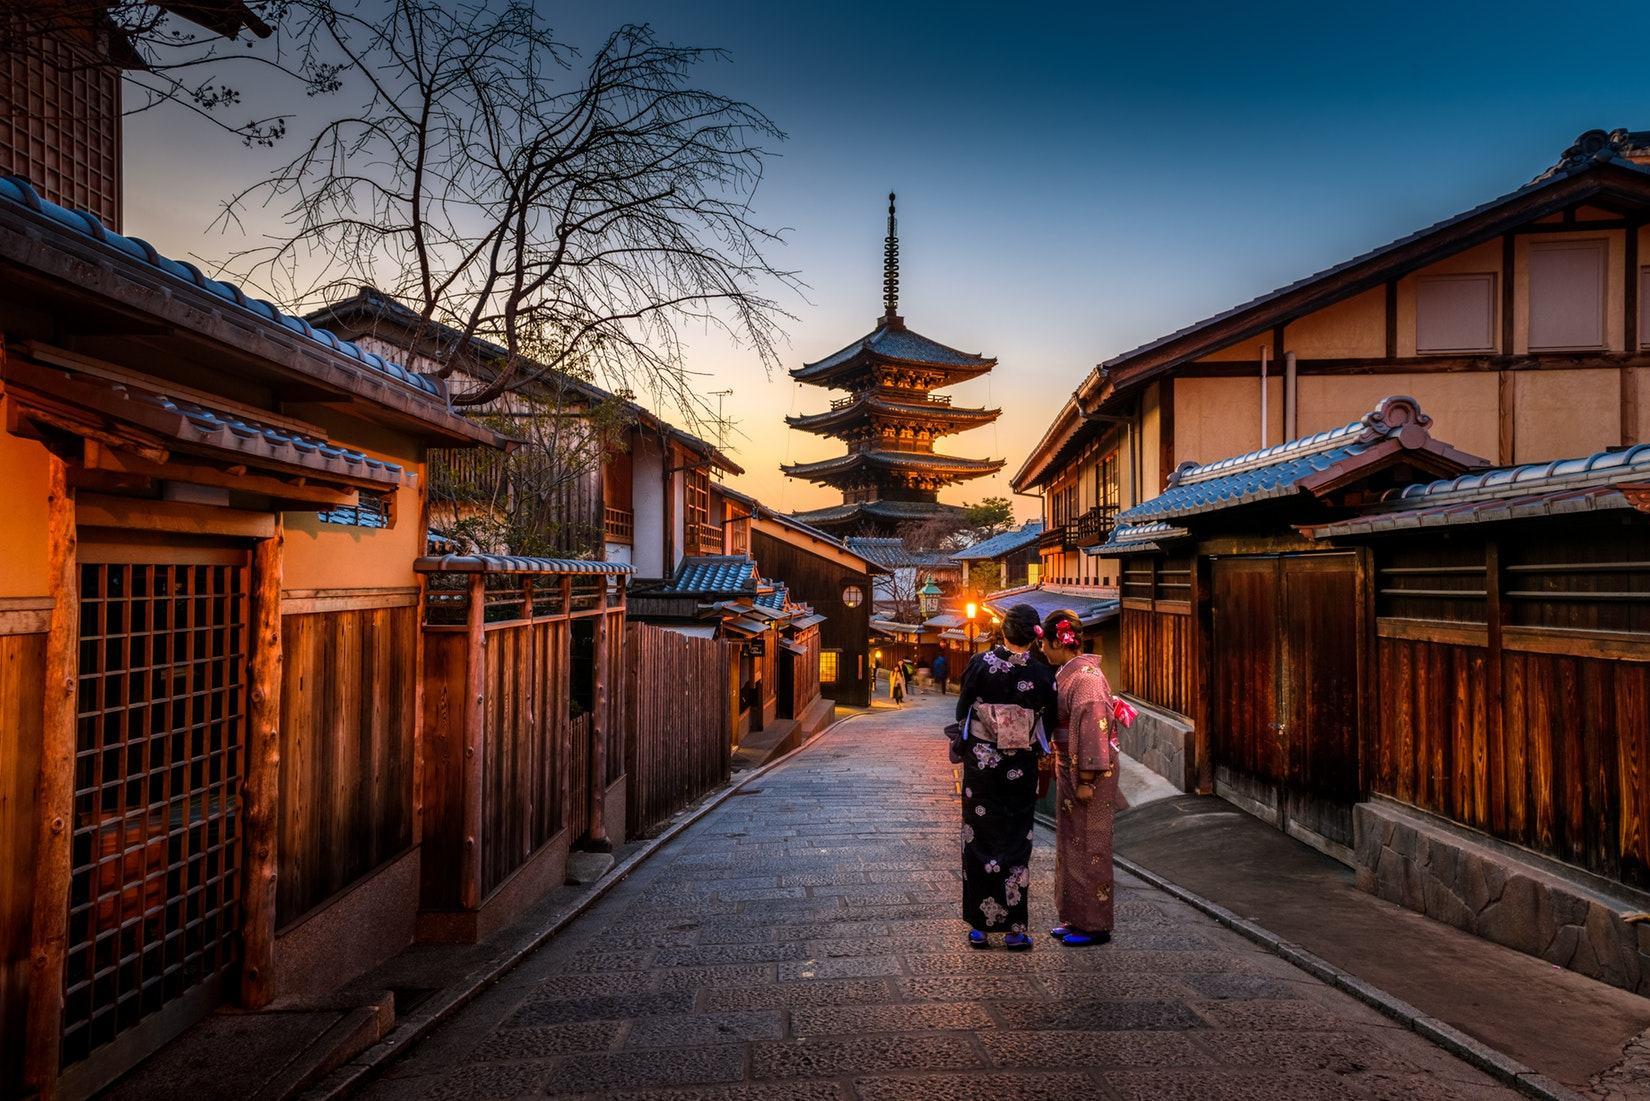 6 thành phố lý tưởng nhất để du học tại Nhật Bản | Study Abroad Advice | Viva-Mundo